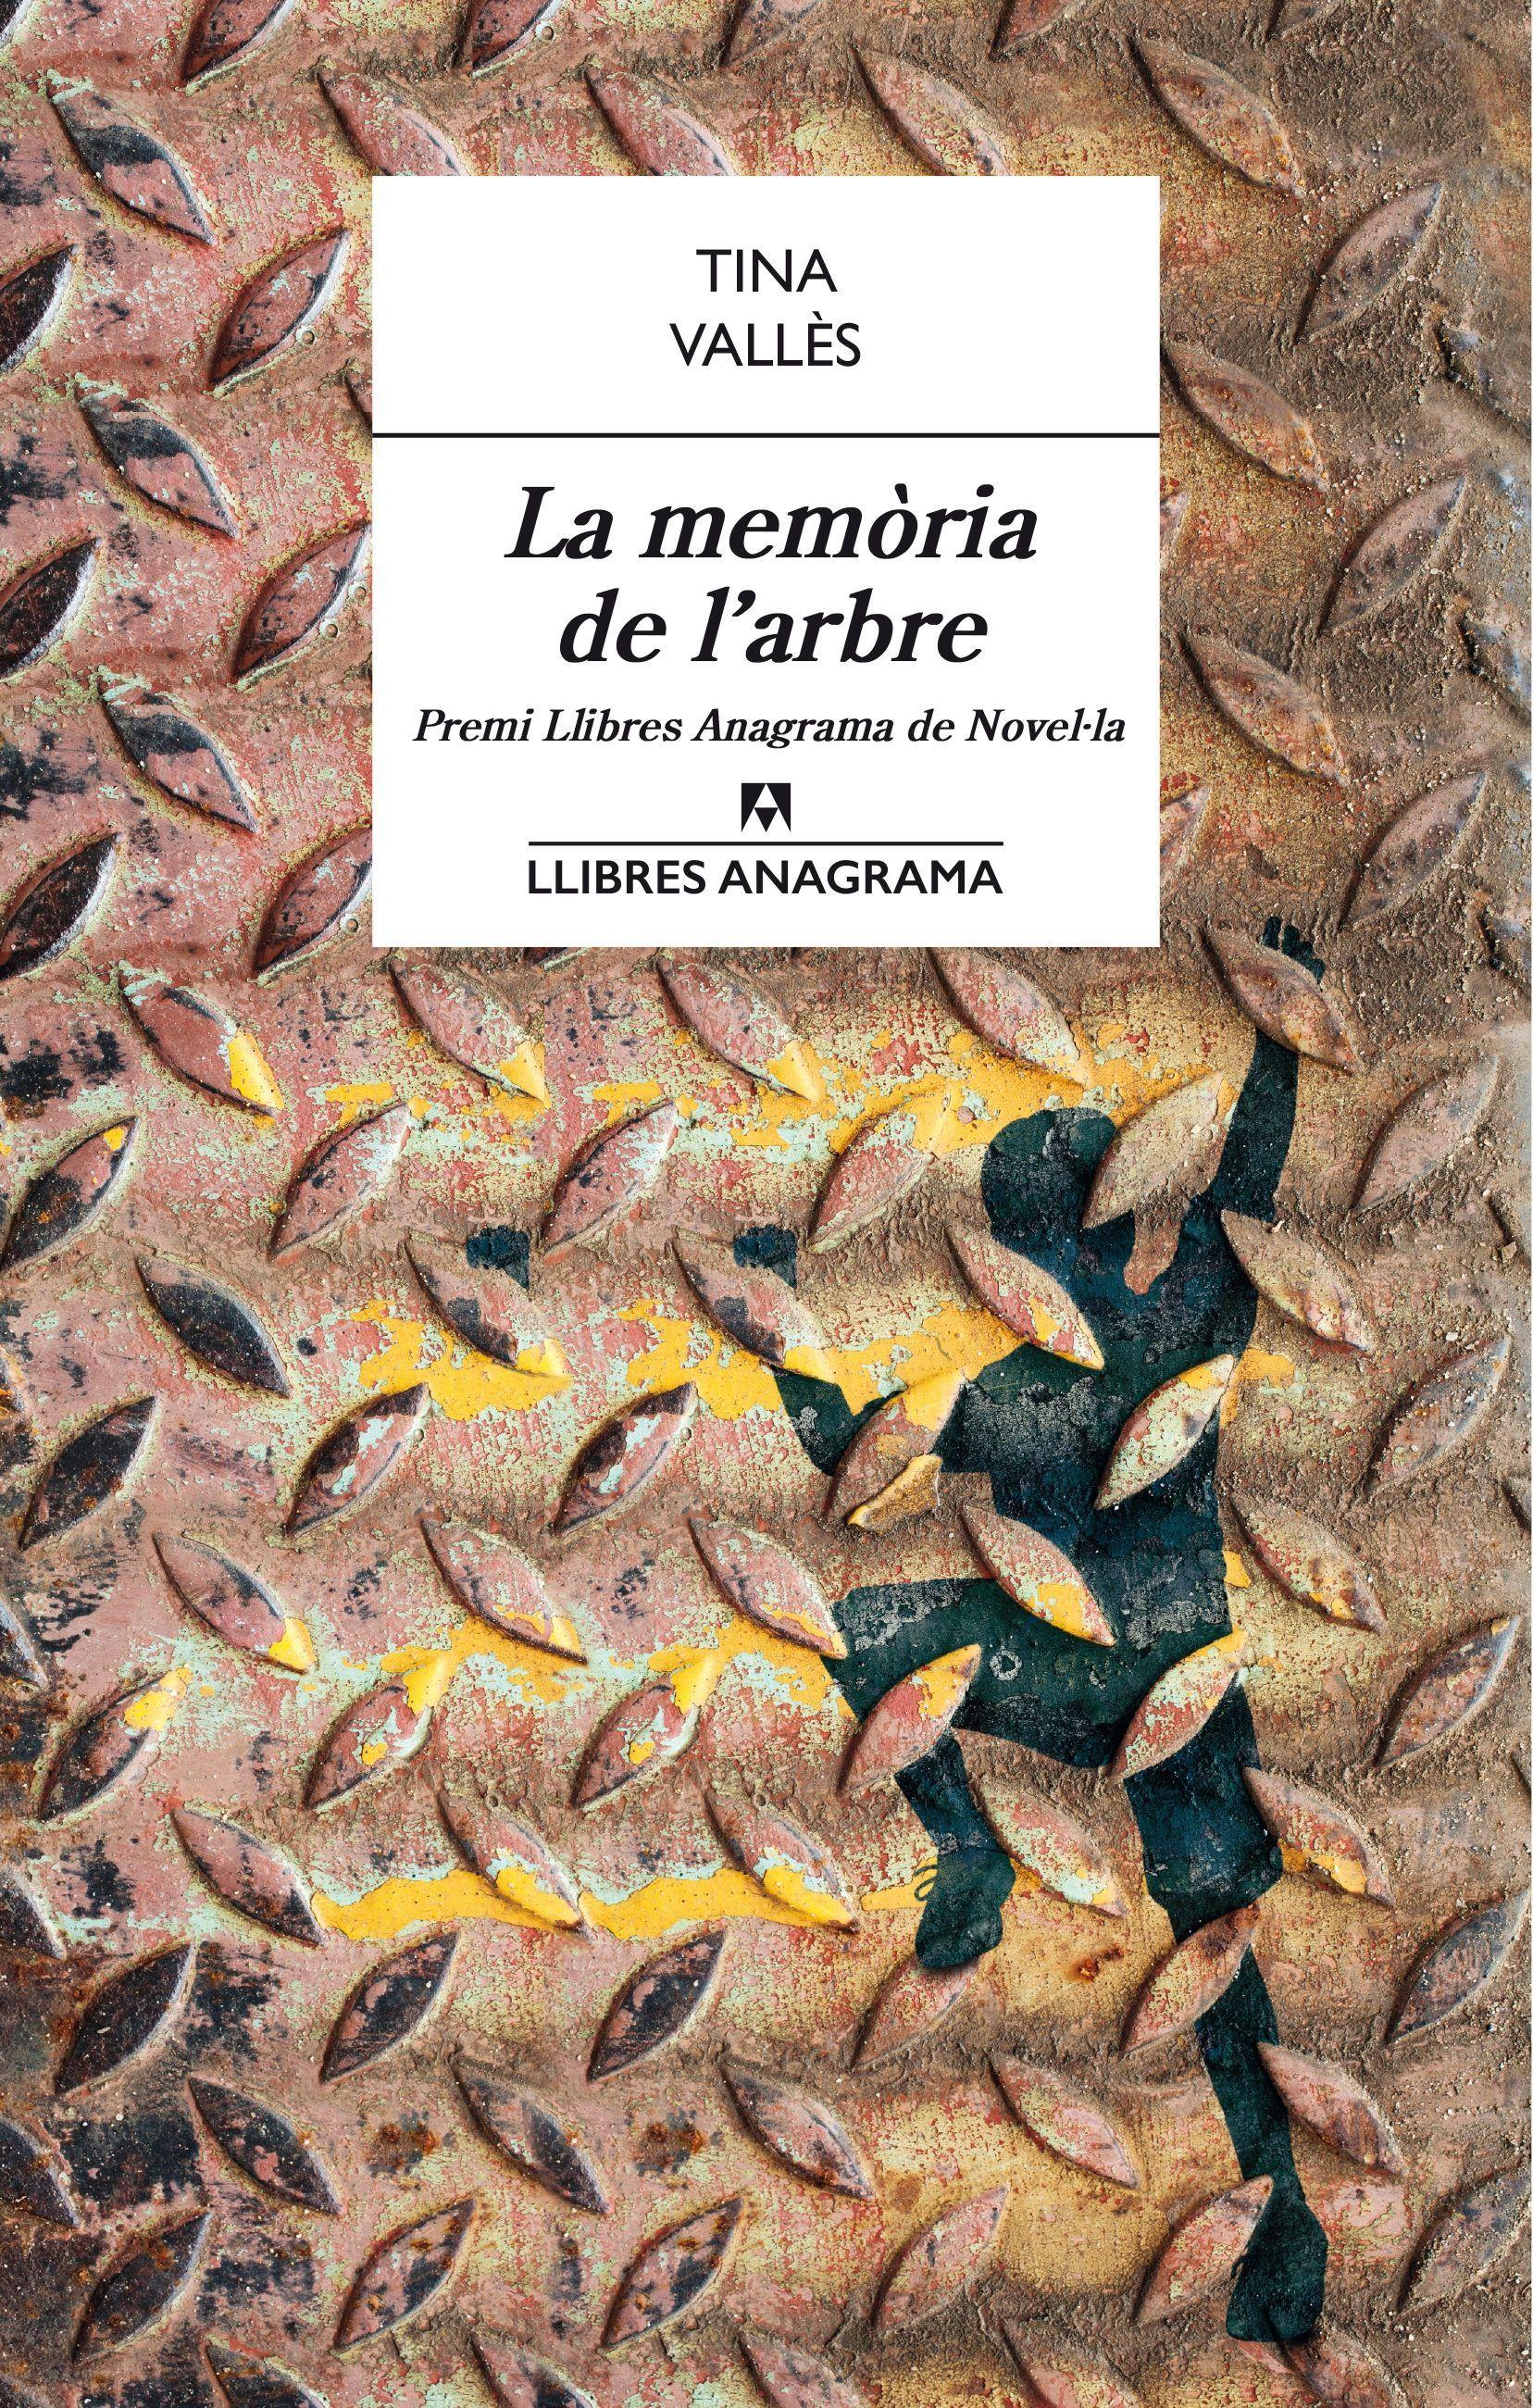 230 Ideas De Novel La 2017 Libros Literatura Libros Para Leer